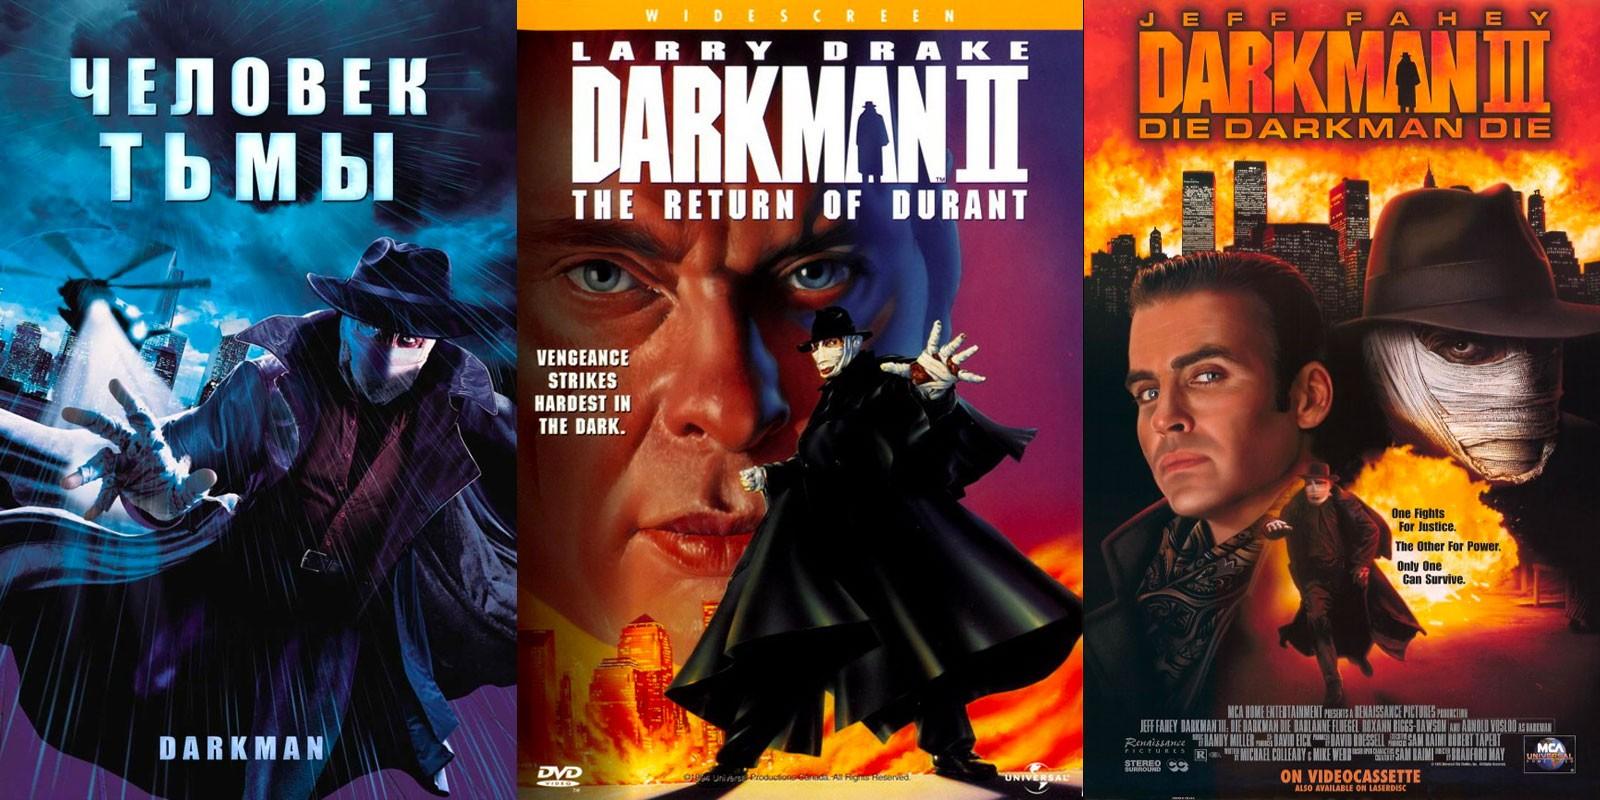 """Фильмы """"Человек тьмы"""", """"Человек тьмы II: Возвращение Дюрана"""" и """"Человек тьмы III"""""""